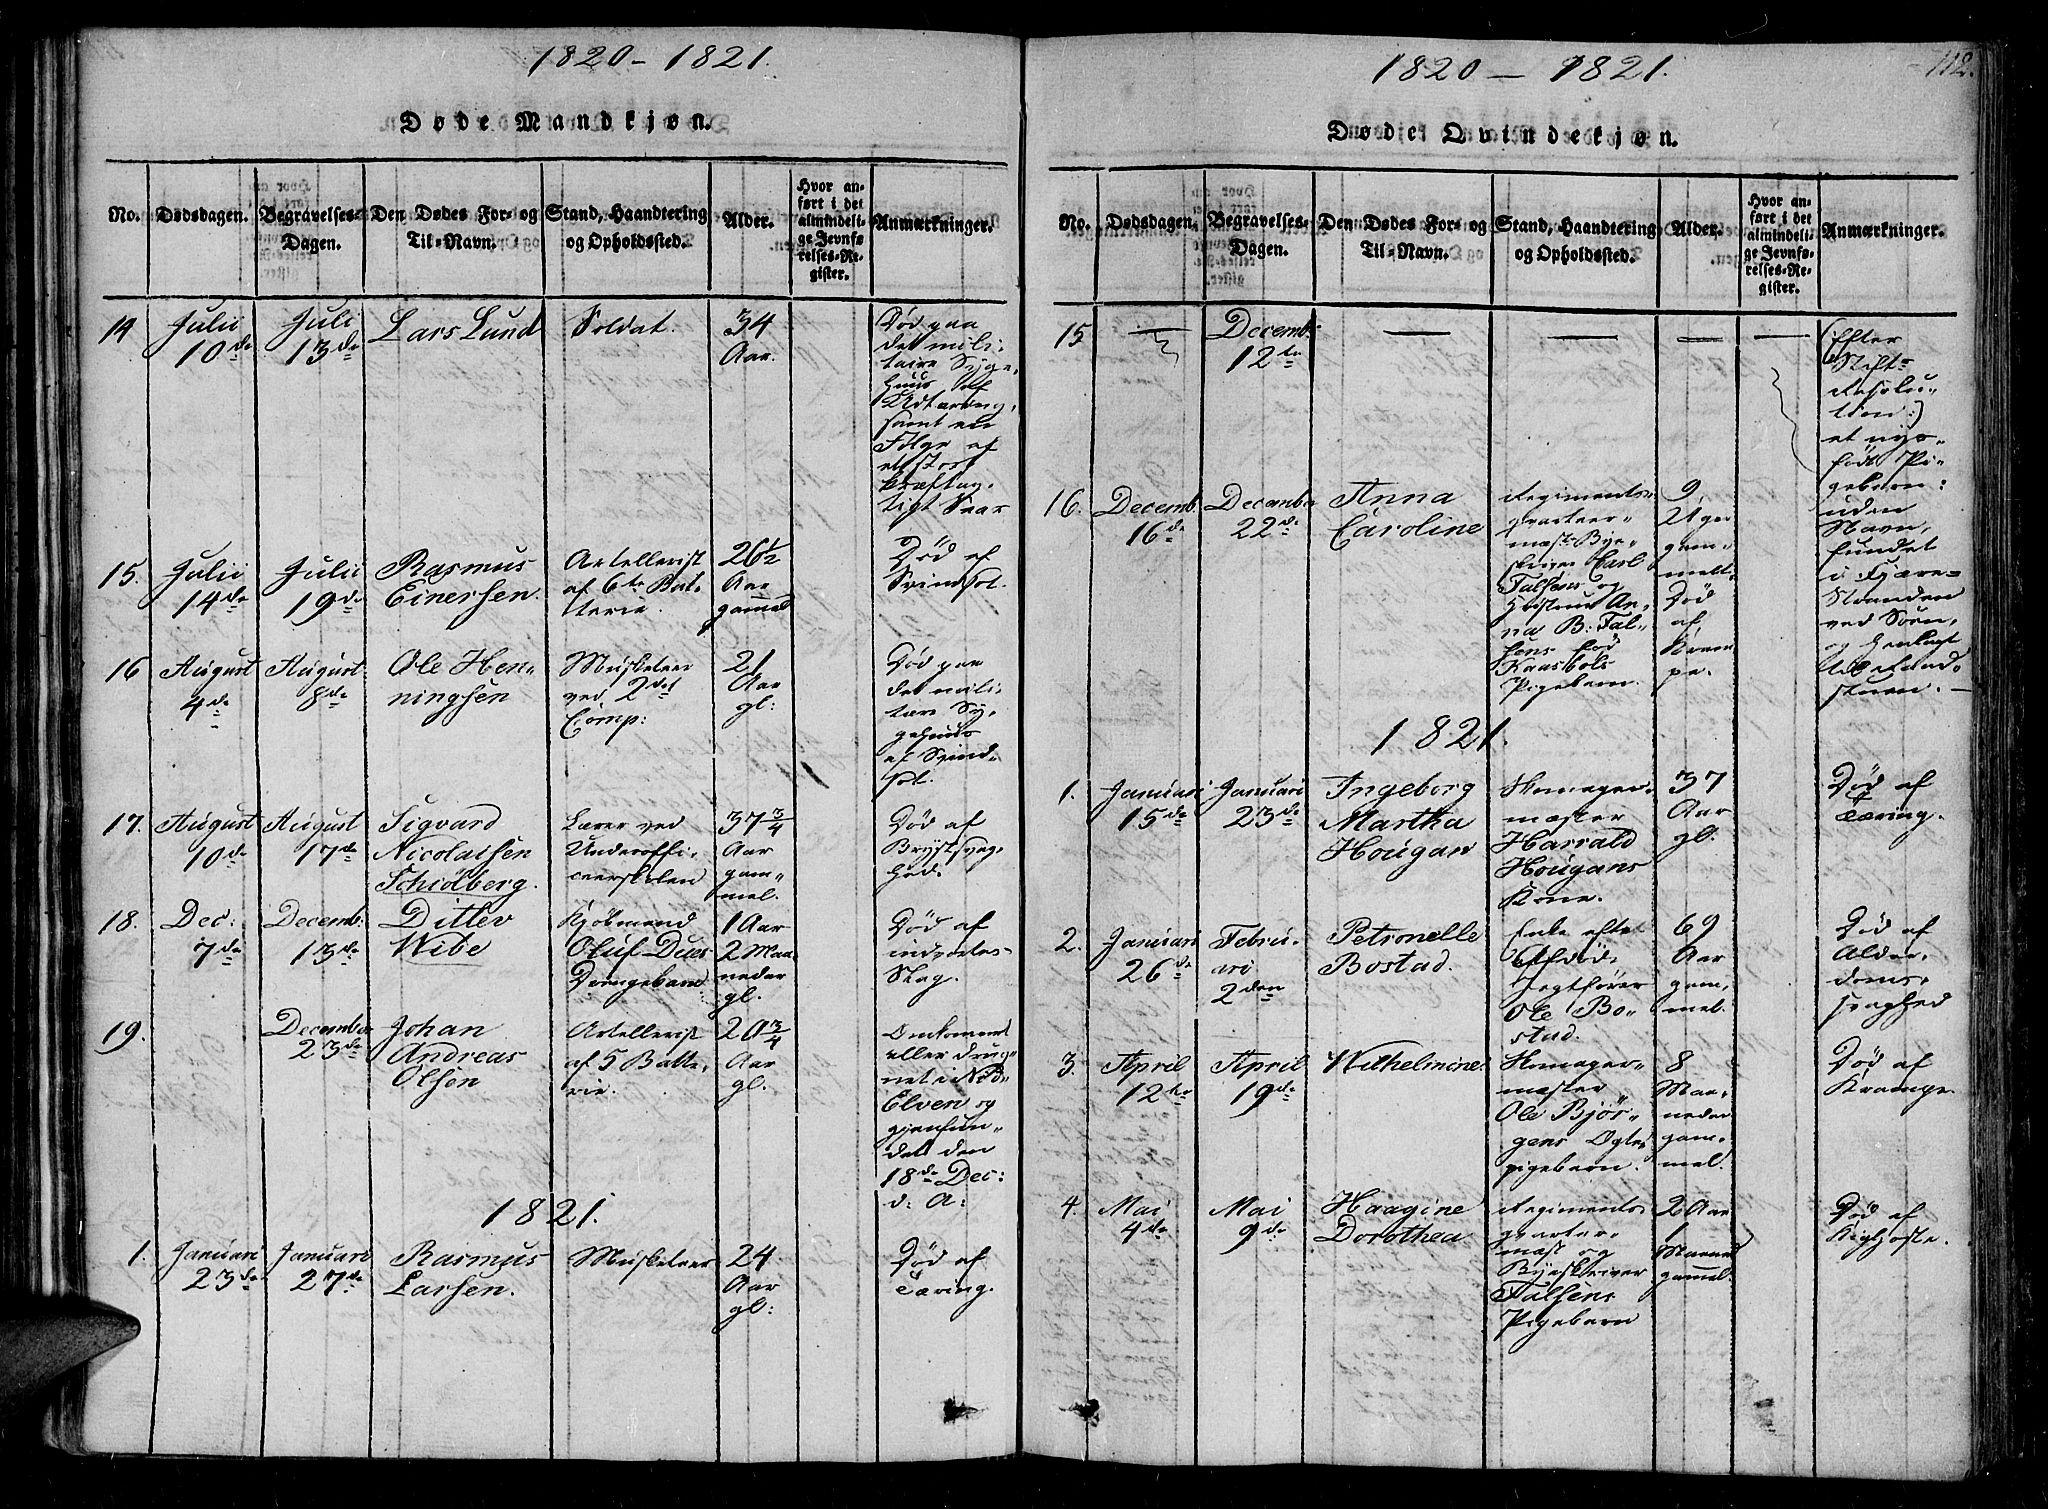 SAT, Ministerialprotokoller, klokkerbøker og fødselsregistre - Sør-Trøndelag, 602/L0107: Ministerialbok nr. 602A05, 1815-1821, s. 112